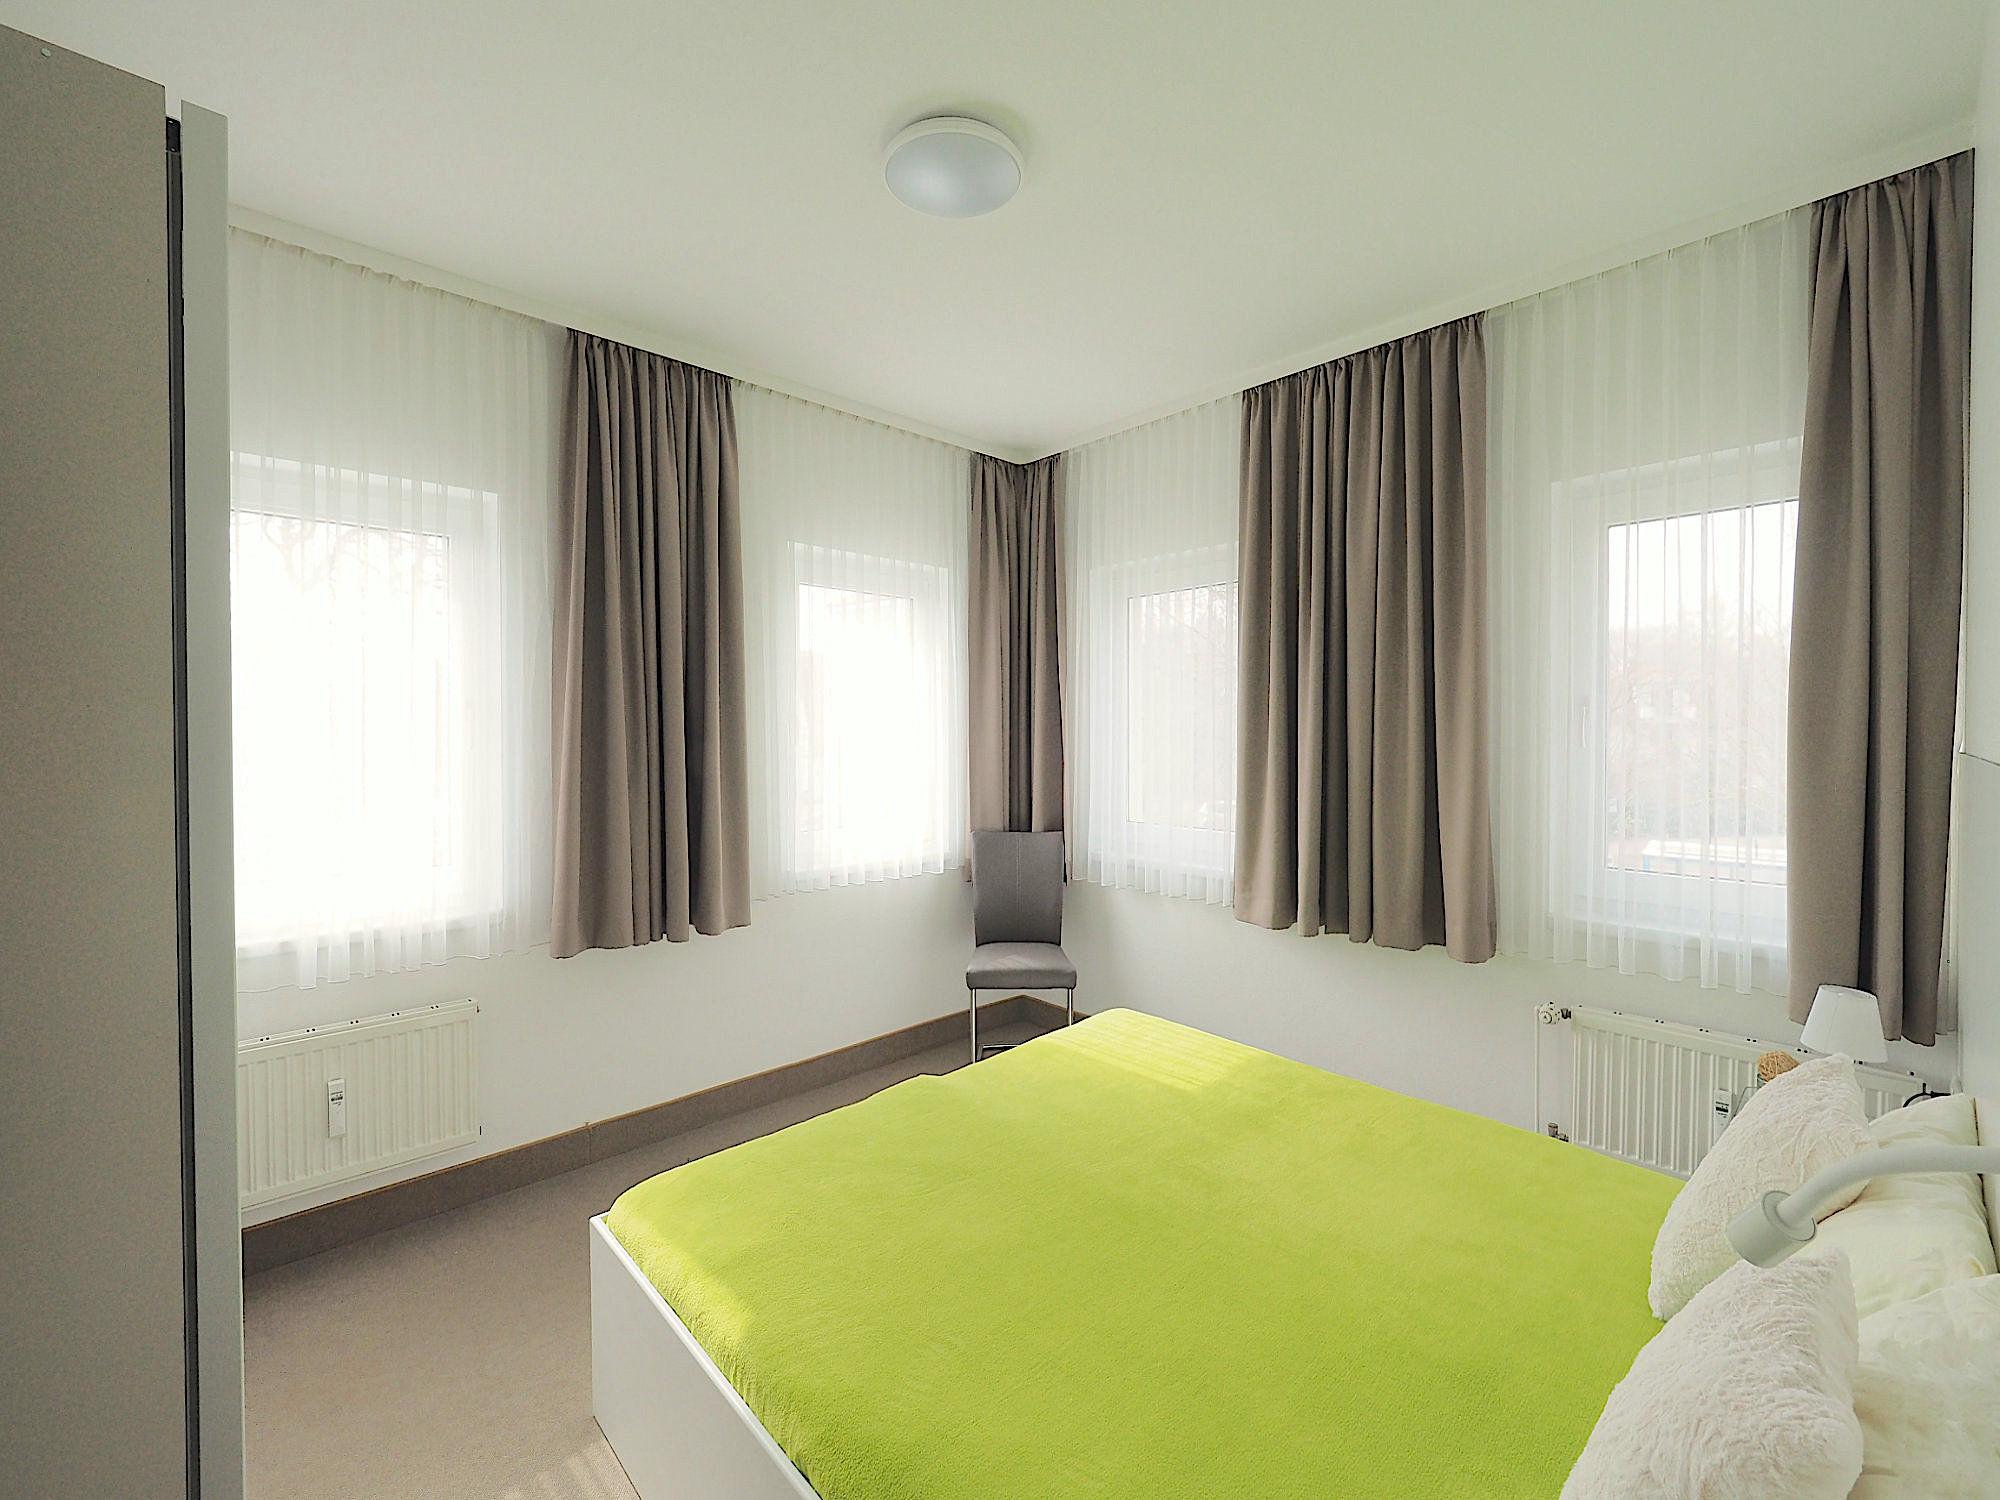 Schlafzimmer mit Doppelbett, dahinter sind an zwei Wänden je 2 Fenster, auf der linken Seite befindet sich ein Kleiderschrank